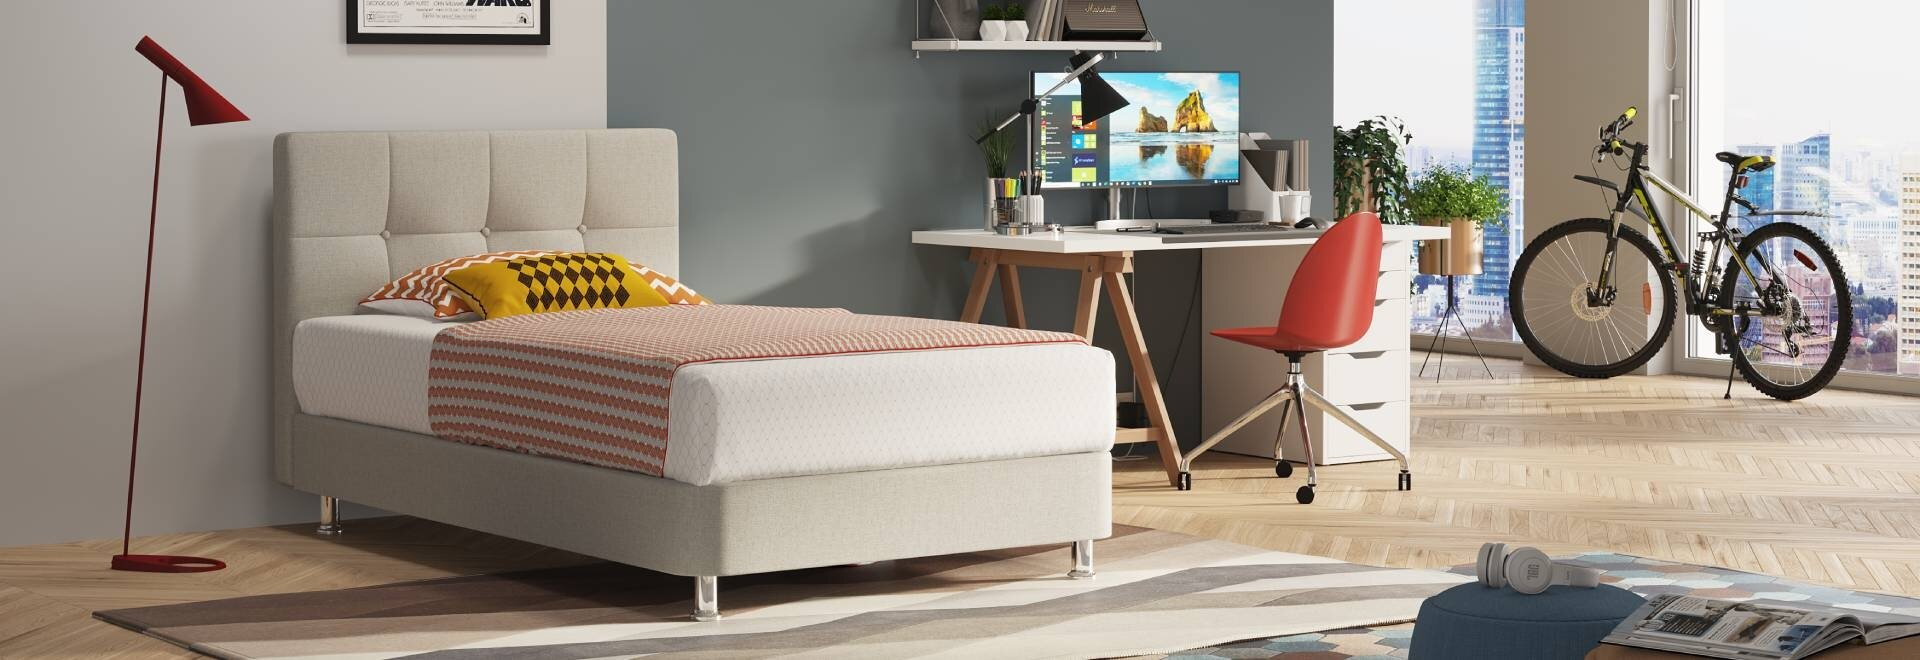 מיטה נוער בוסטון בחדר